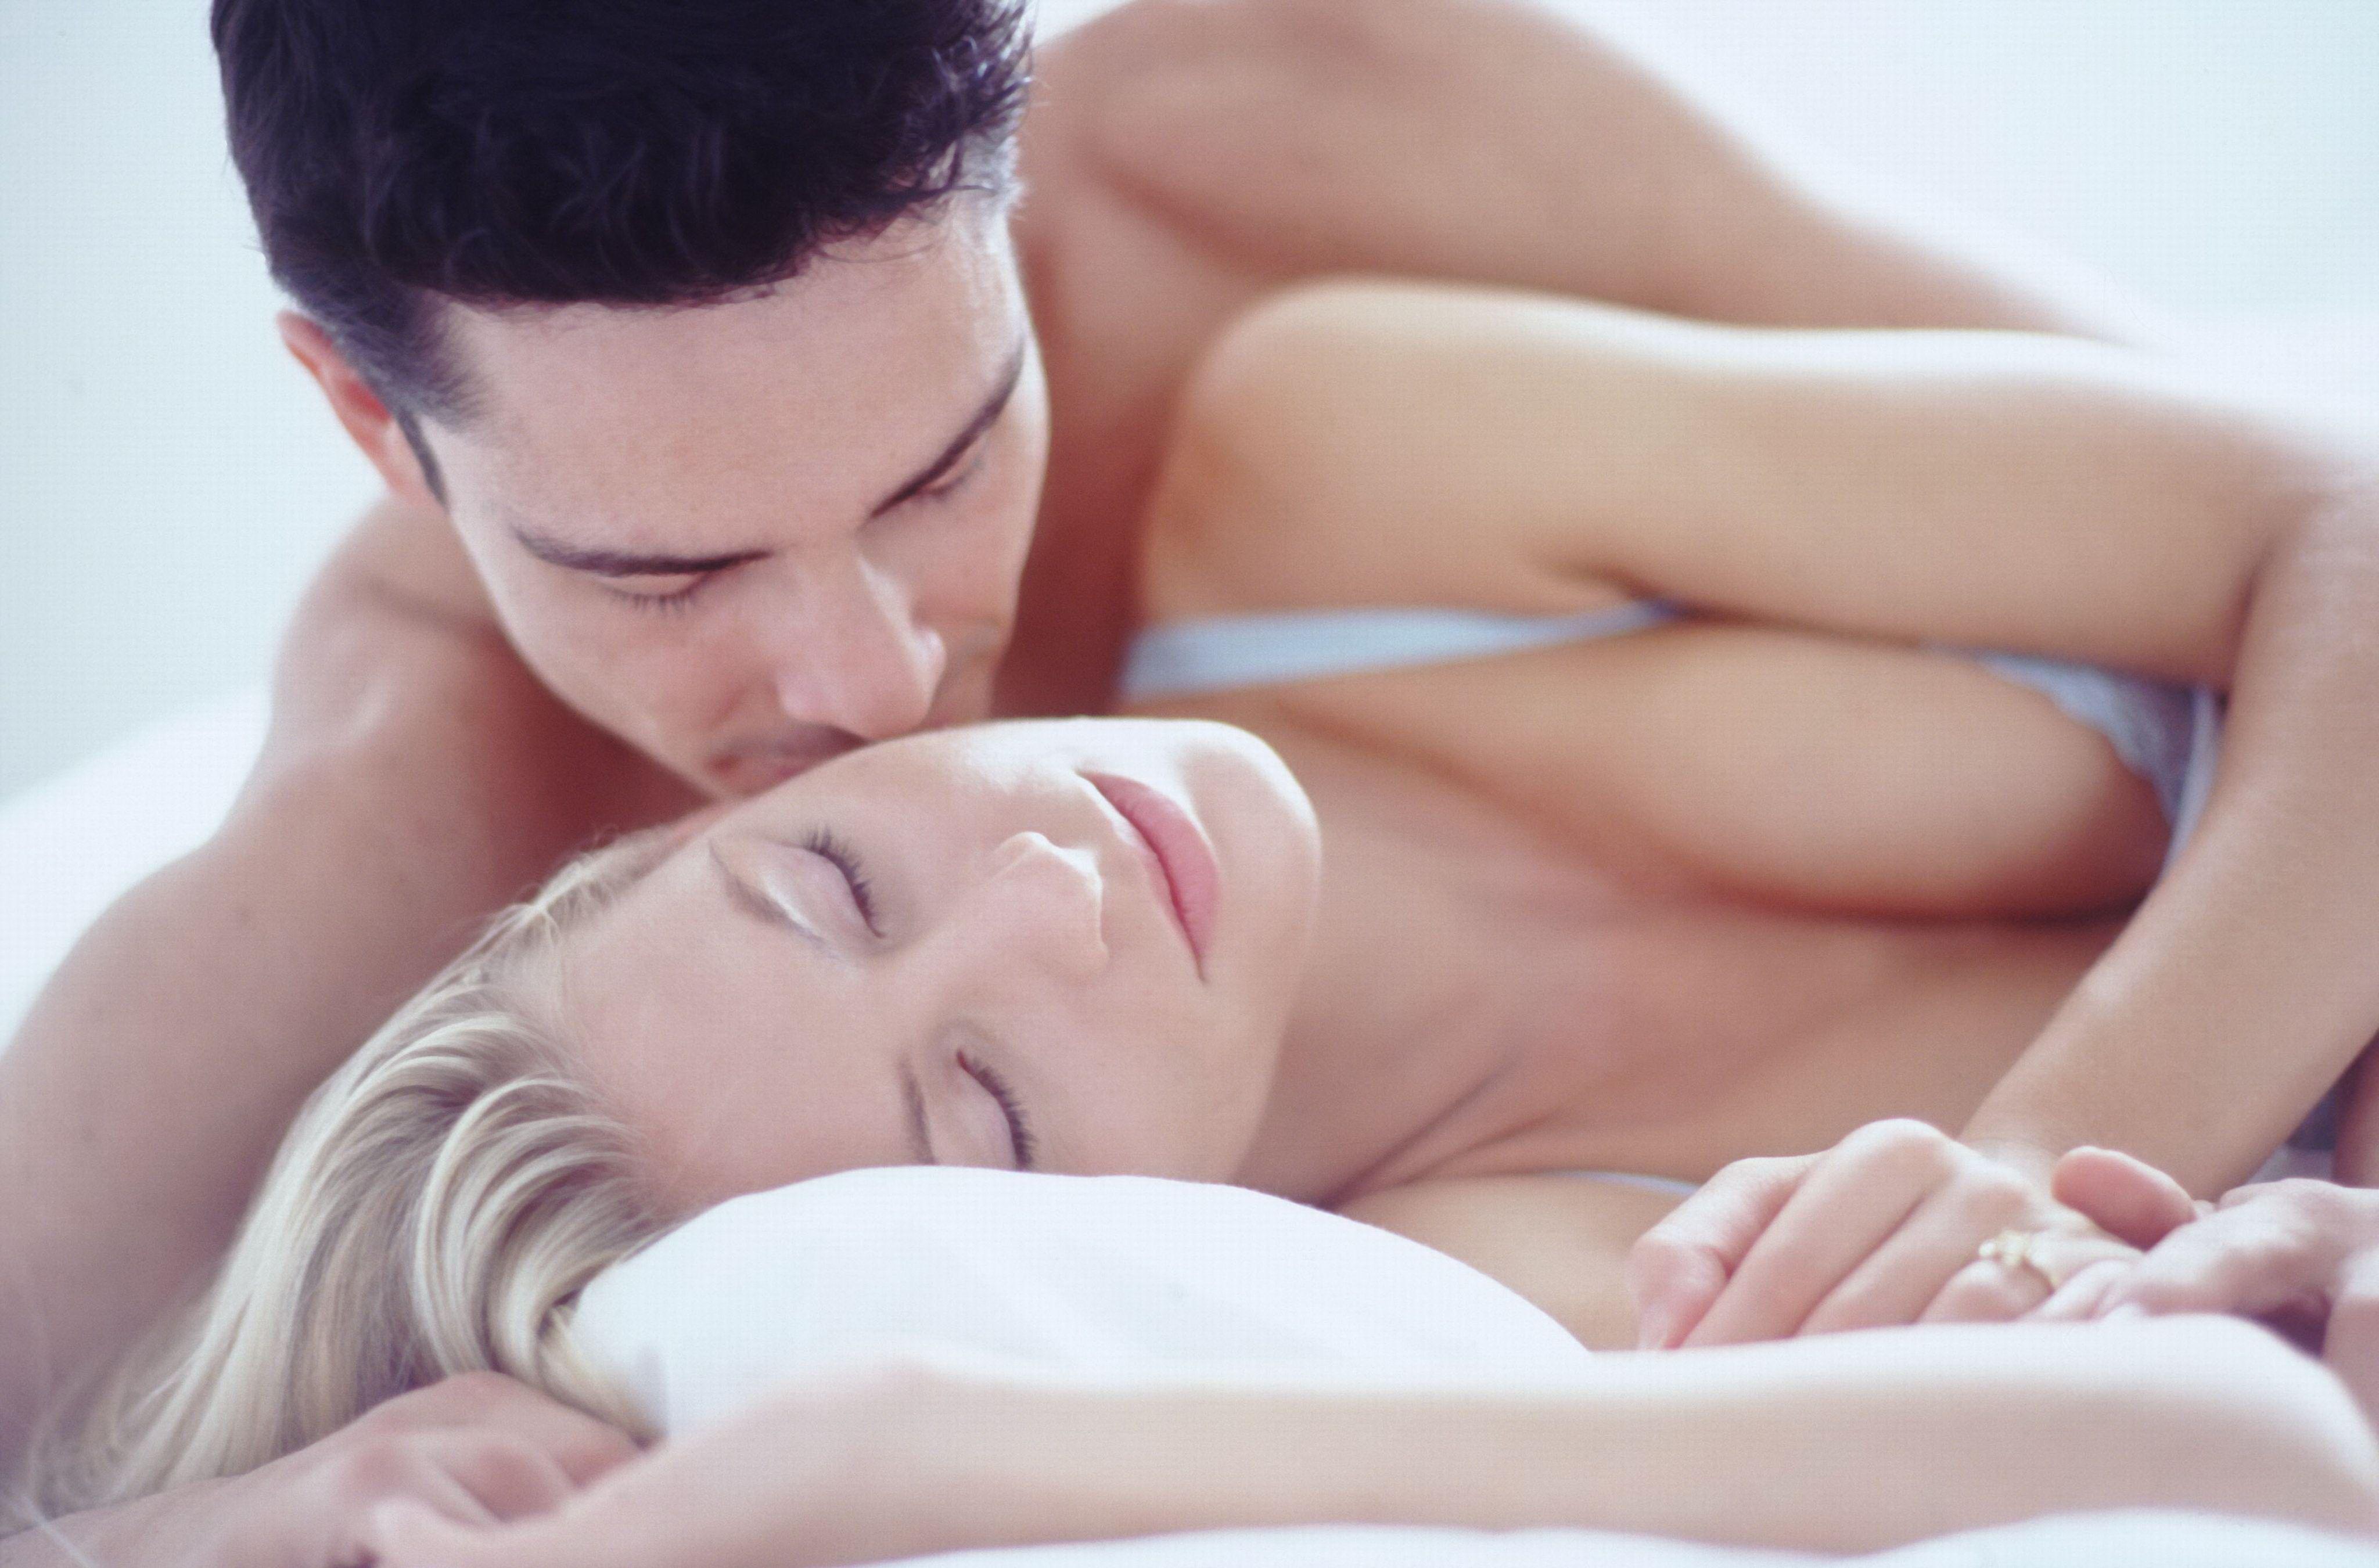 Фото нежный секс молоденьких 8 фотография